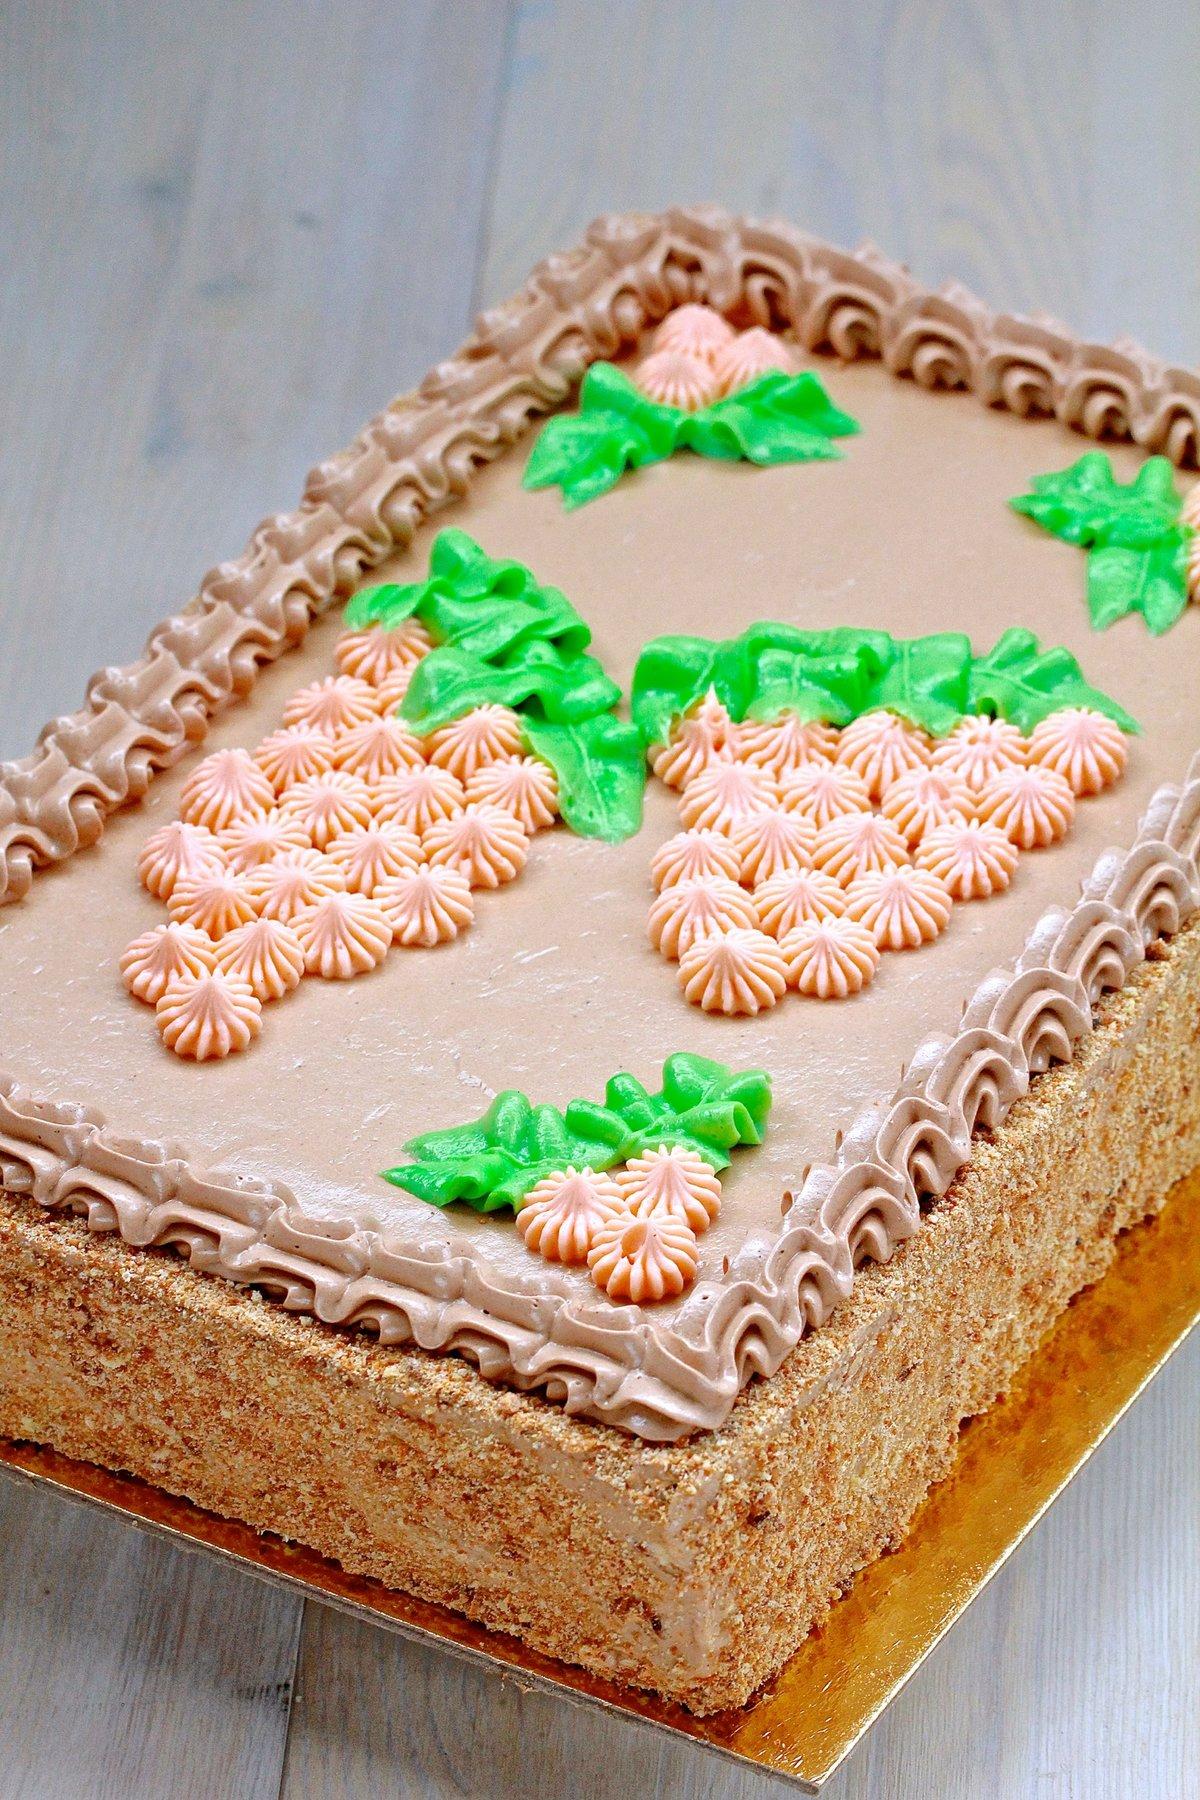 лимфоузлы, как масляный торт своими руками пошаговое фото форма